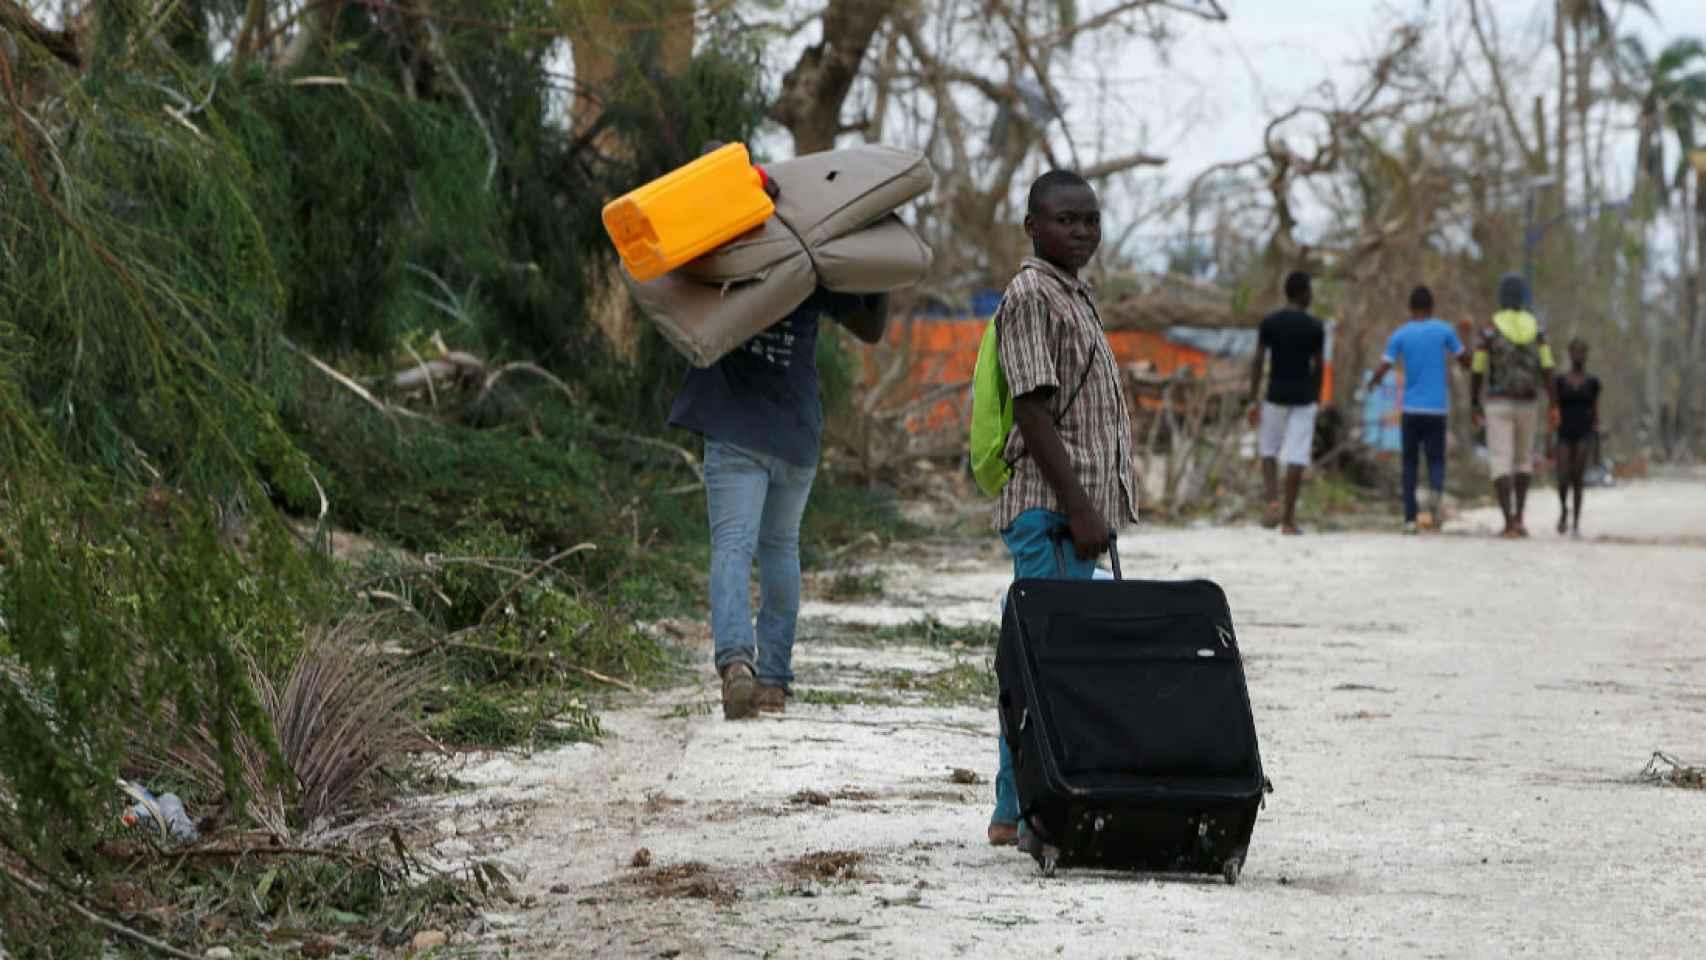 Personas recogiendo sus pertenencias después de que el huracán arrasara sus hogares en Haití.